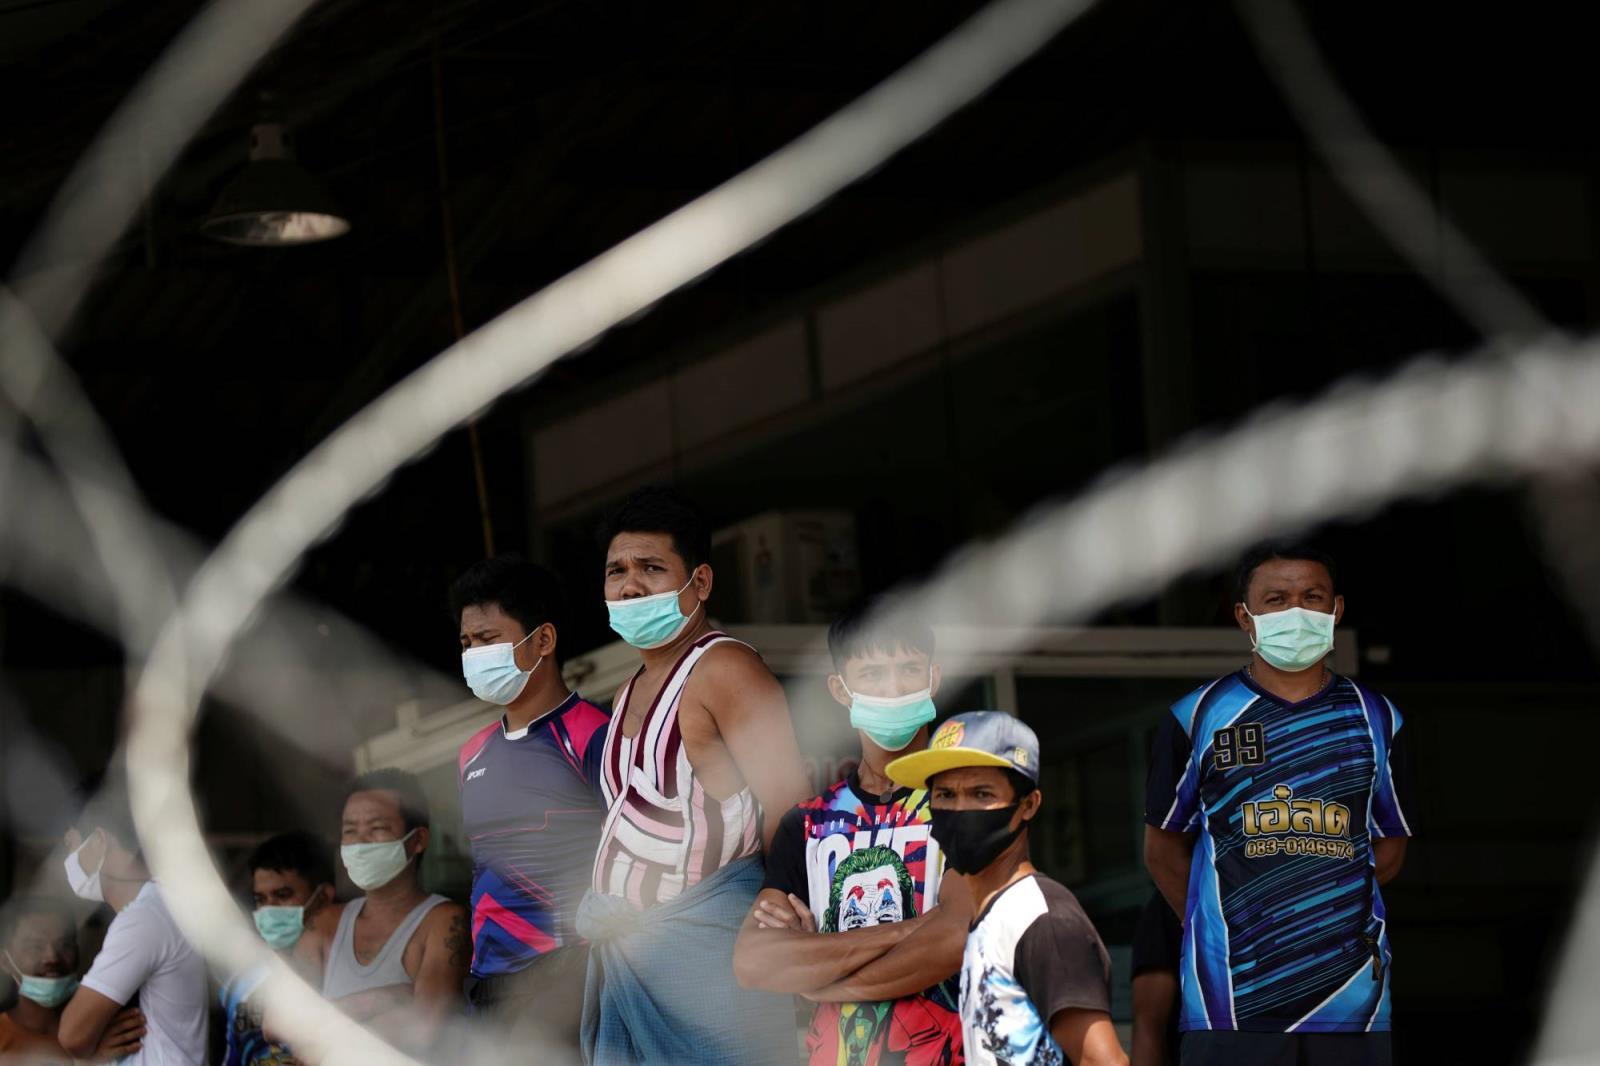 泰国为非法移民提供工作许可以遏制病毒